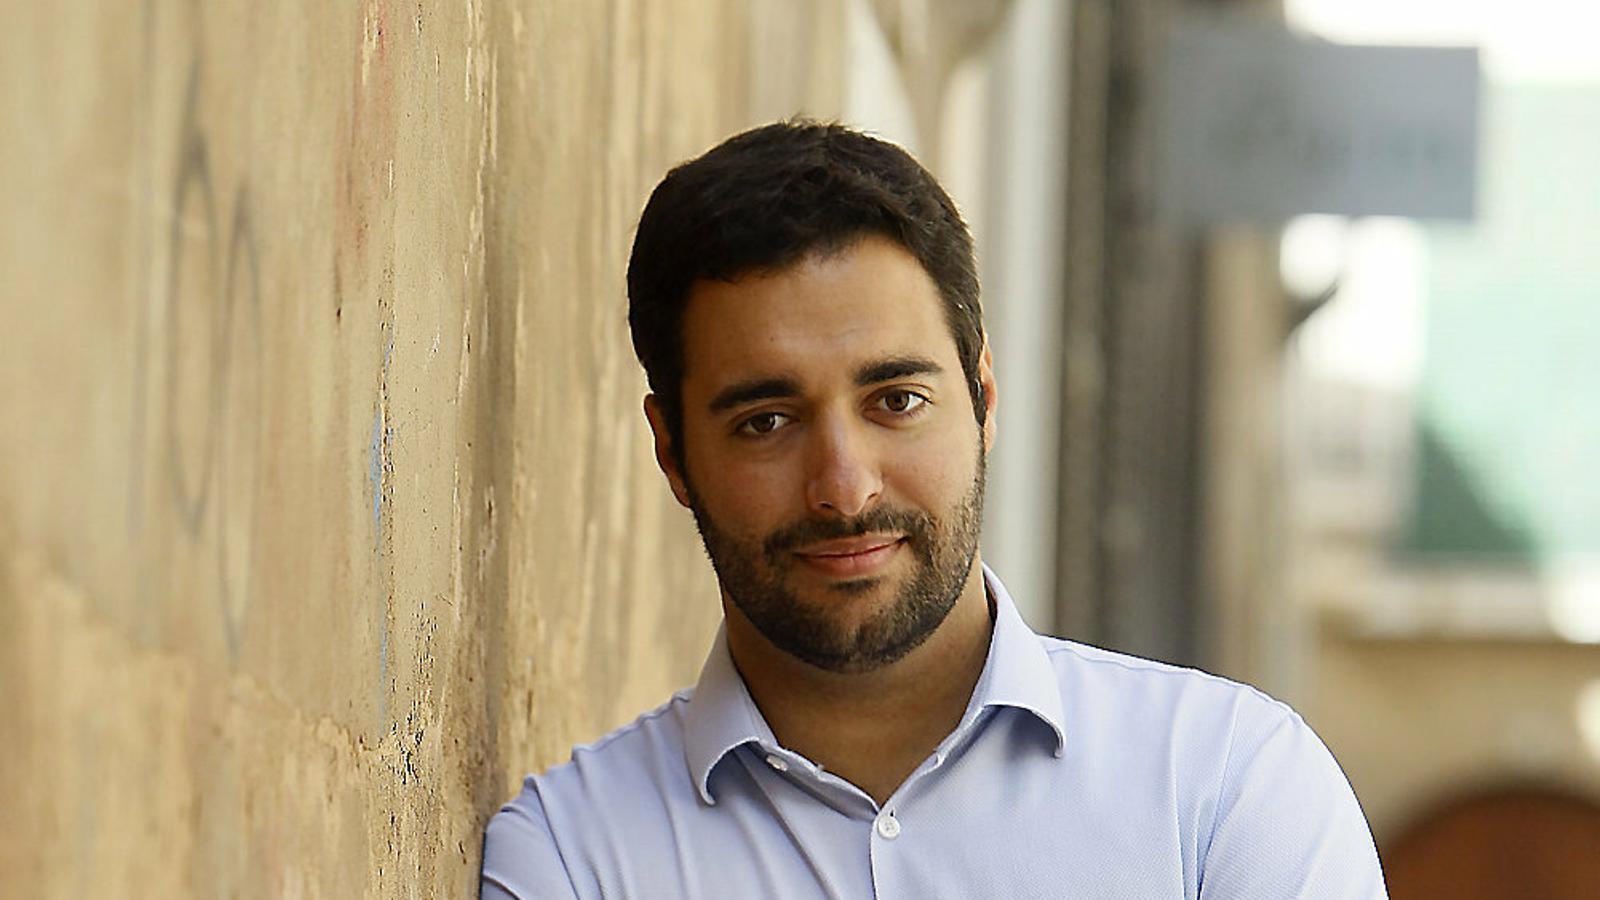 Rafel Jordà, format a Barcelona, reivindica el talent que hi ha aquí  i reclama destinar els recursos realment on faci falta.